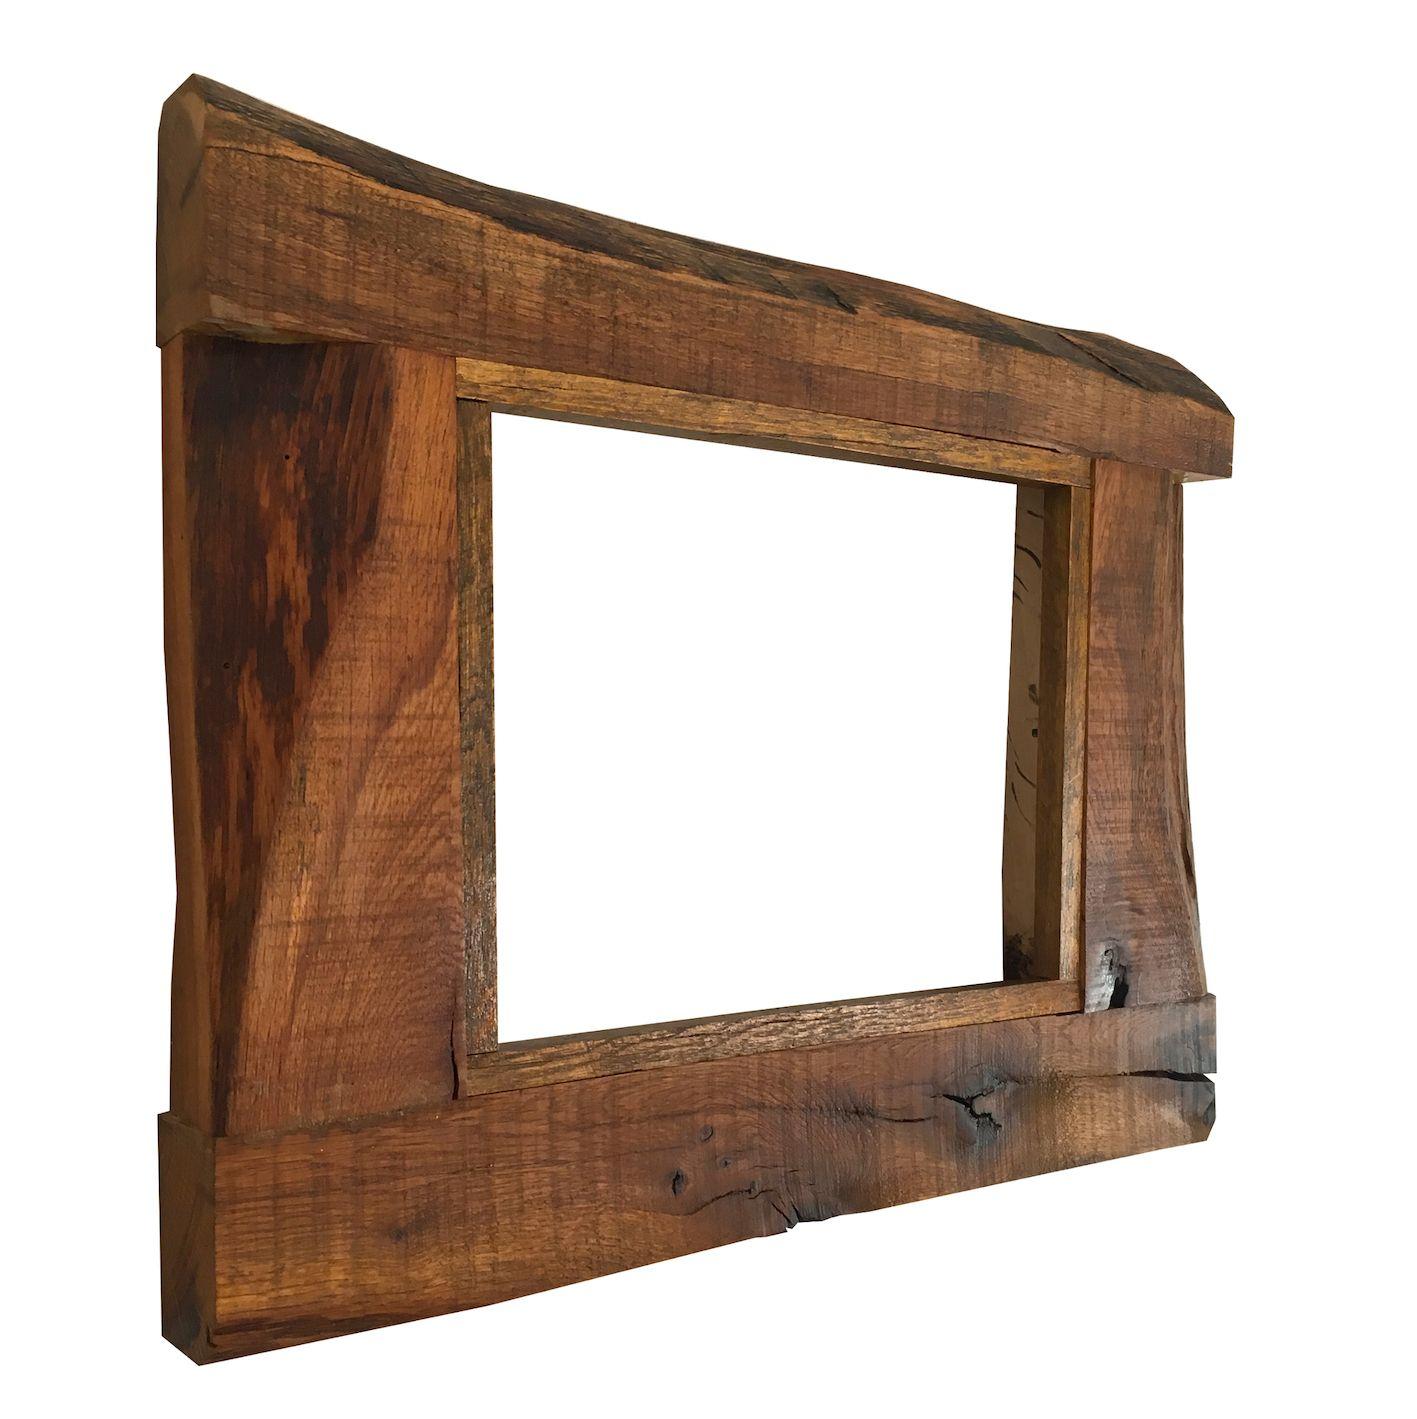 Meşe ağacından el yapımı rustik çerçeve handmade wood frame oak ...